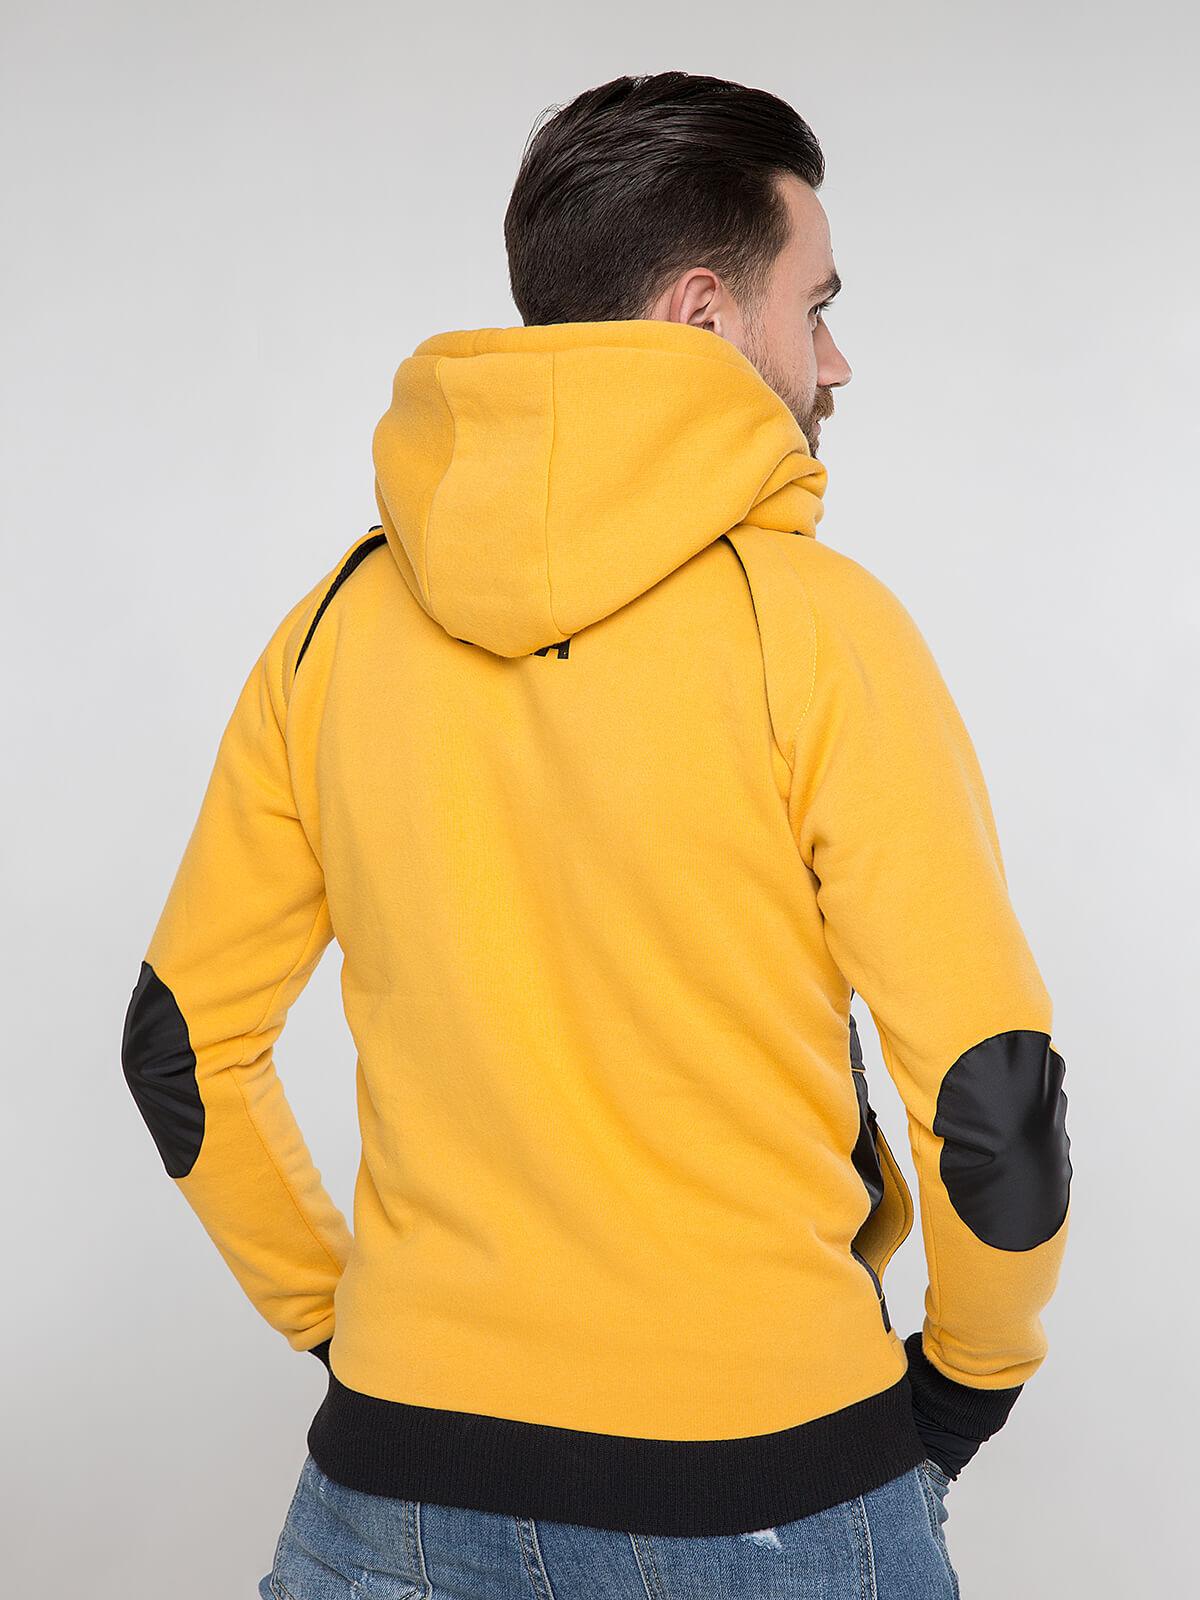 Чоловіче Худі Syla. Колір жовтий.  Матеріал худі – тринитка: 77% бавовна, 23% поліефір.